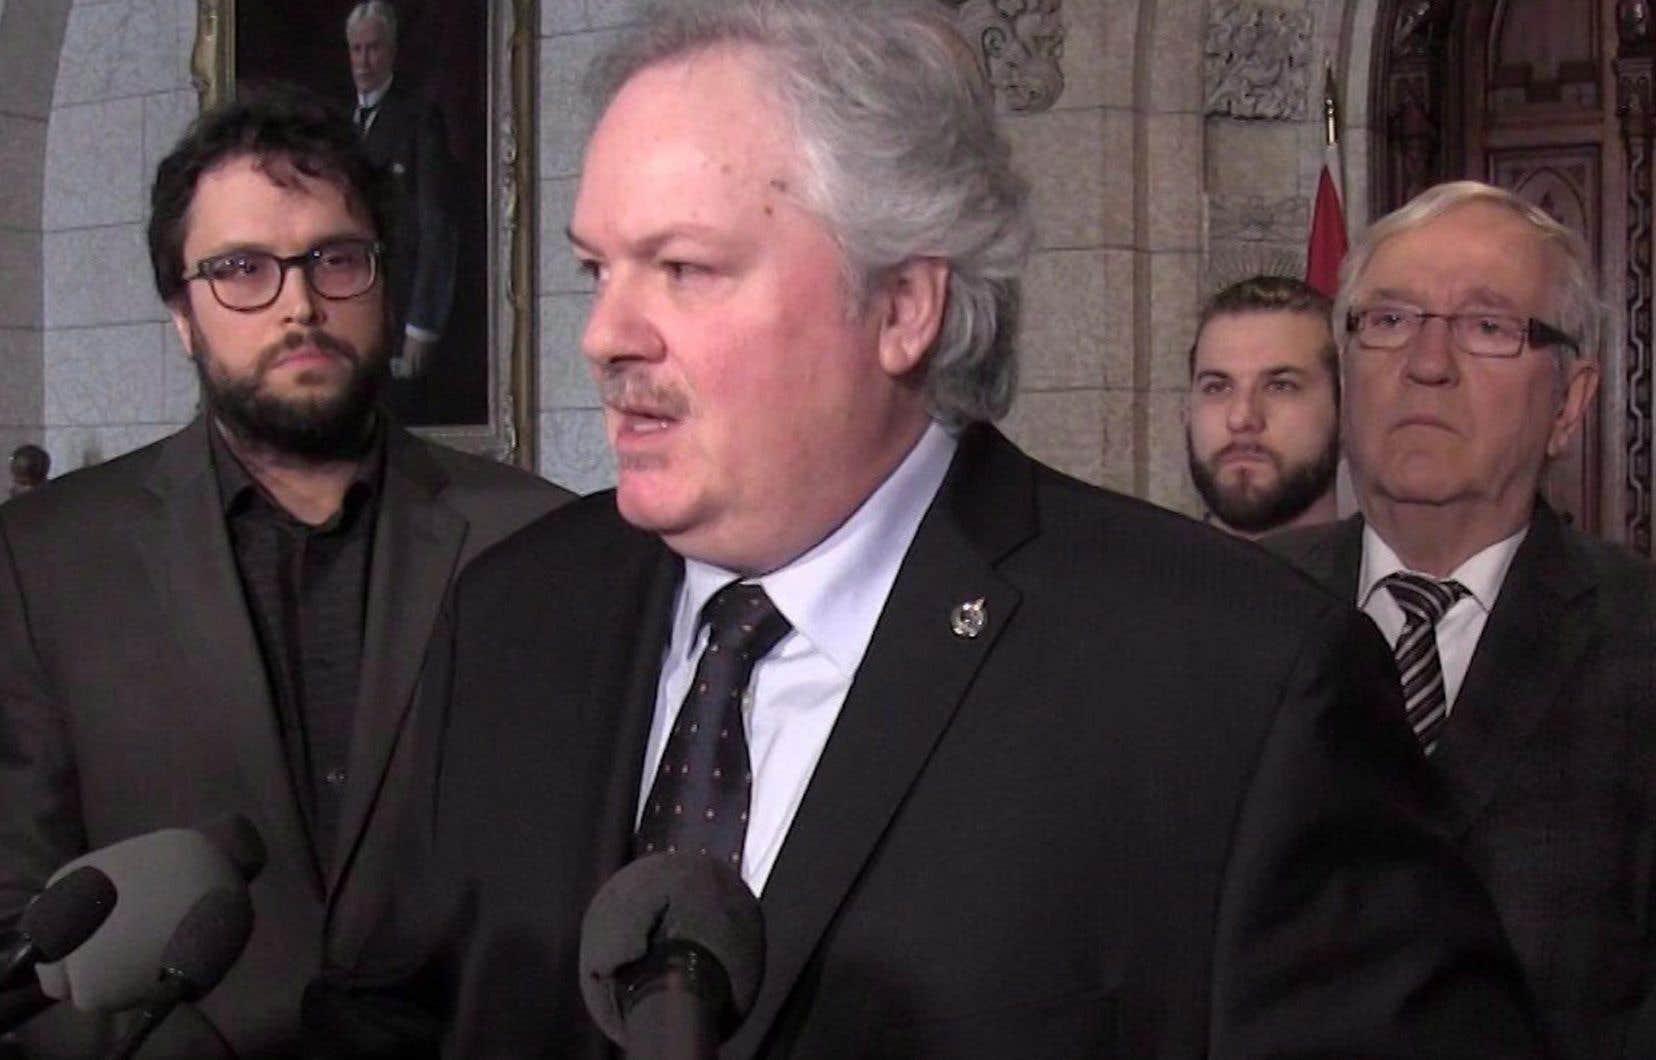 Mercredi soir, la Chambre des communes a rejeté le projet de loi C-393 du bloquiste Luc Thériault, qui aurait exempté le Québec de l'application de la Loi sur le multiculturalisme canadien.